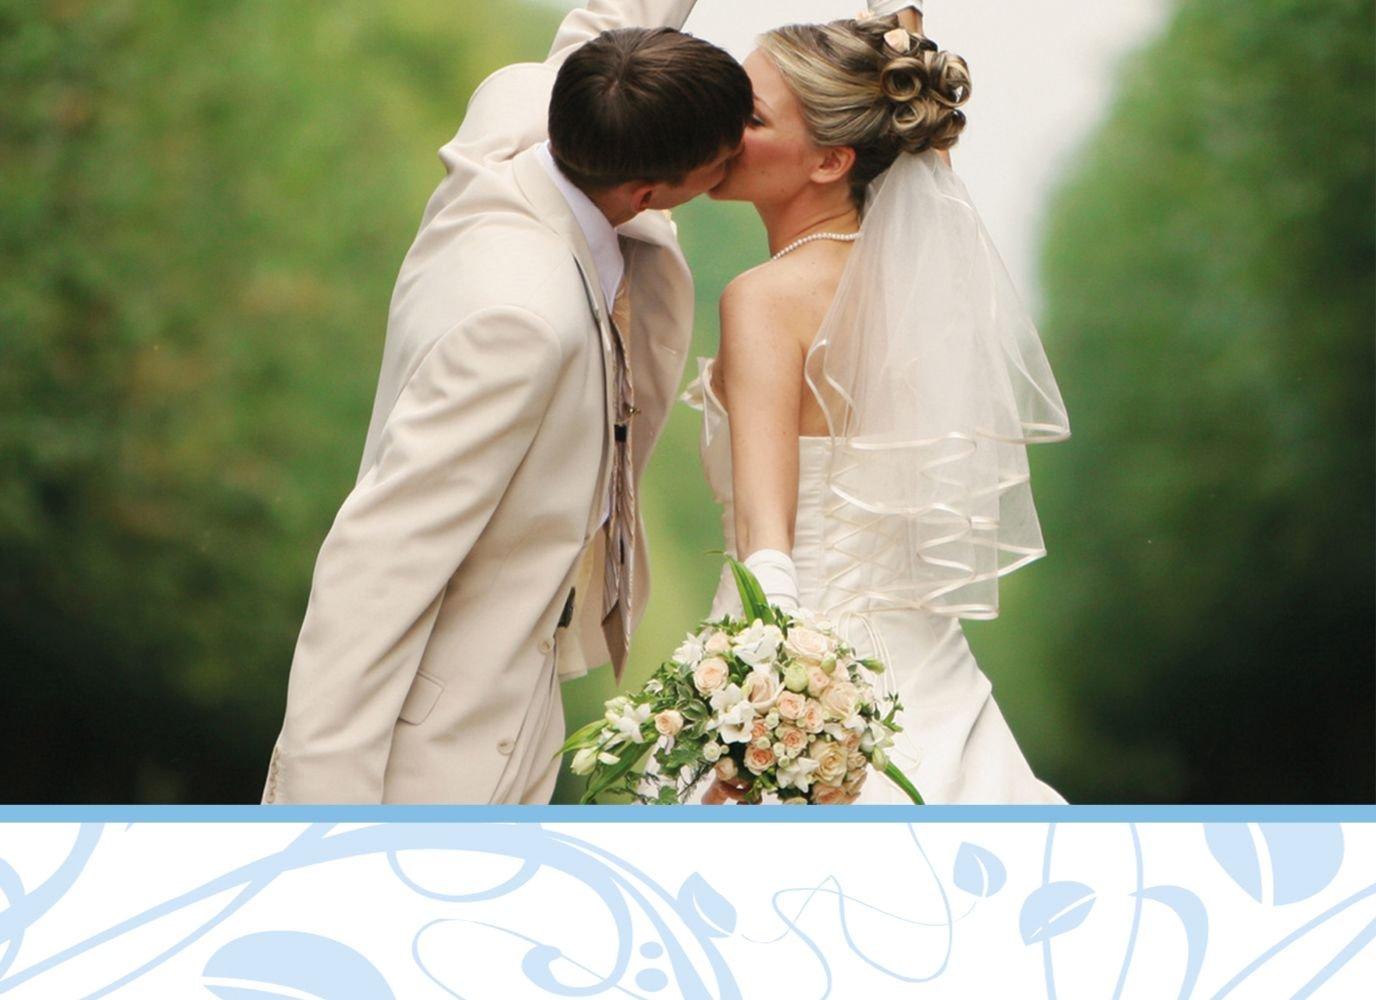 Kartenparadies Danksagung für Hochzeitsgeschenke Hochzeit Dankeskarte Blättertraum, Blättertraum, Blättertraum, hochwertige Danksagungskarte Hochzeitsglückwünsche inklusive Umschläge   10 Karten - (Format  148x105 mm) Farbe  WeinRot B01N5RUXZM   Die Farbe is 8bfbcf